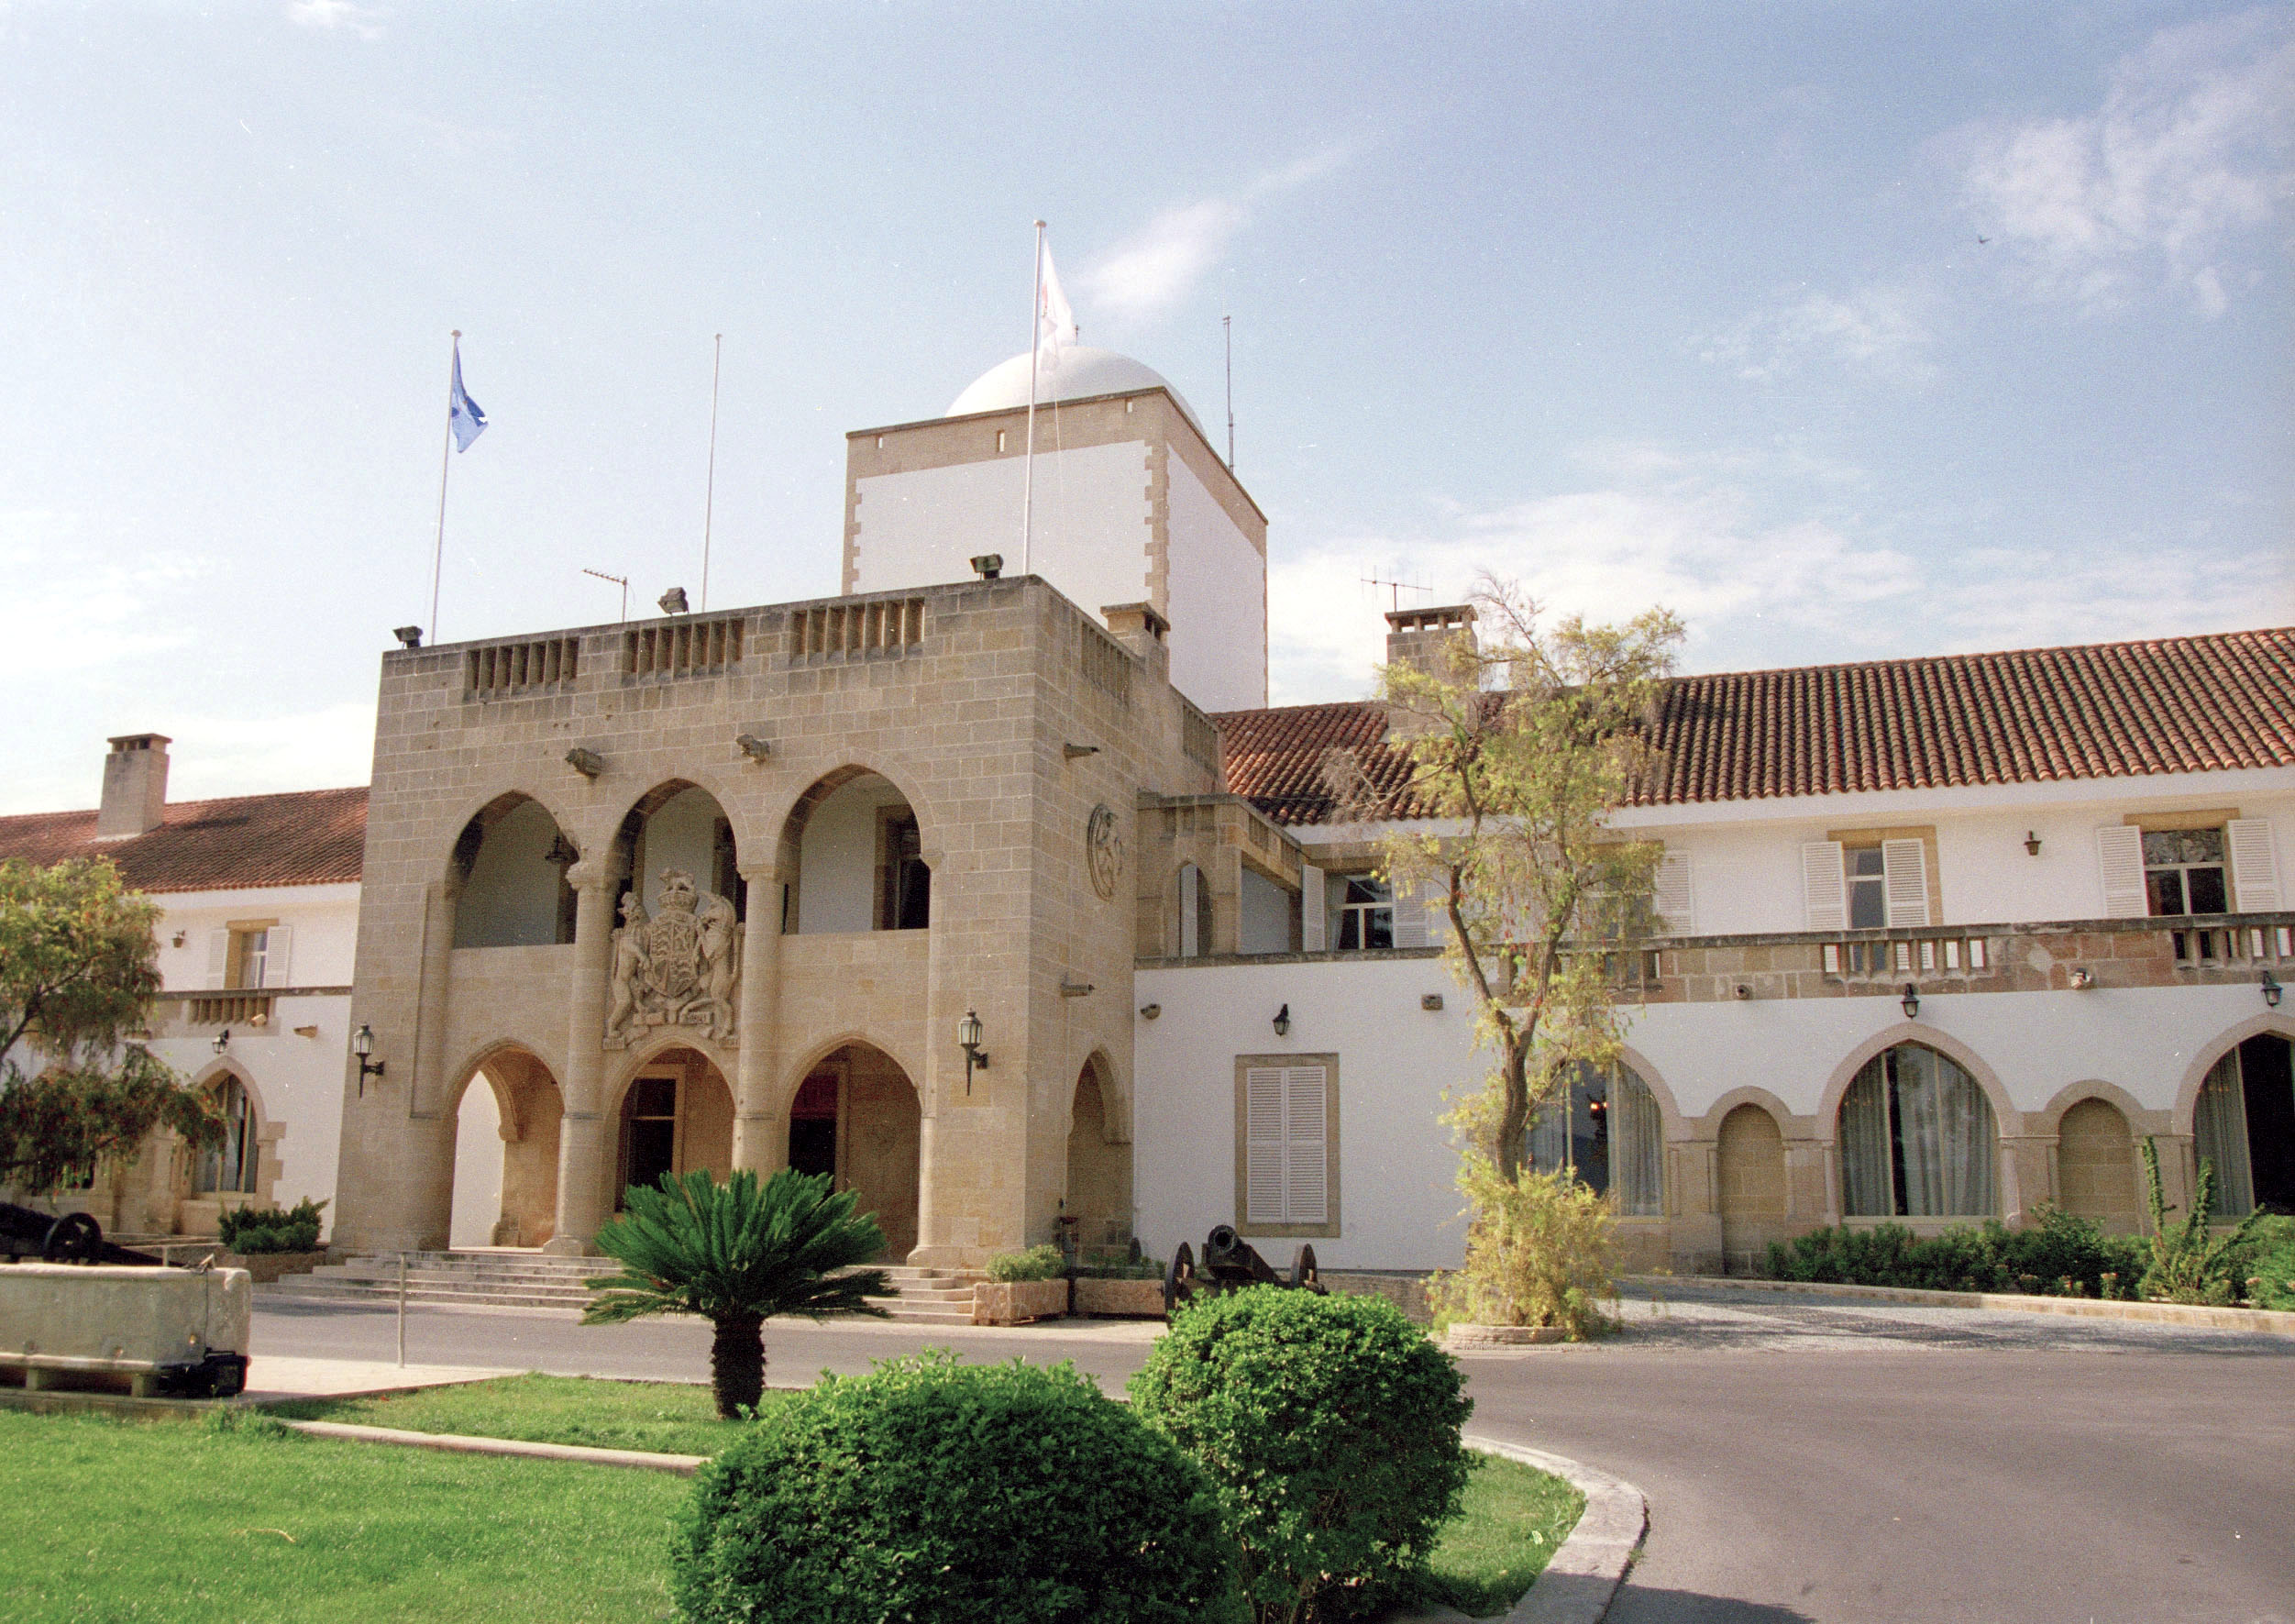 Κύπρος: Δειγματοληπτικά τεστ σε χώρους μεγάλης συνάθροισης